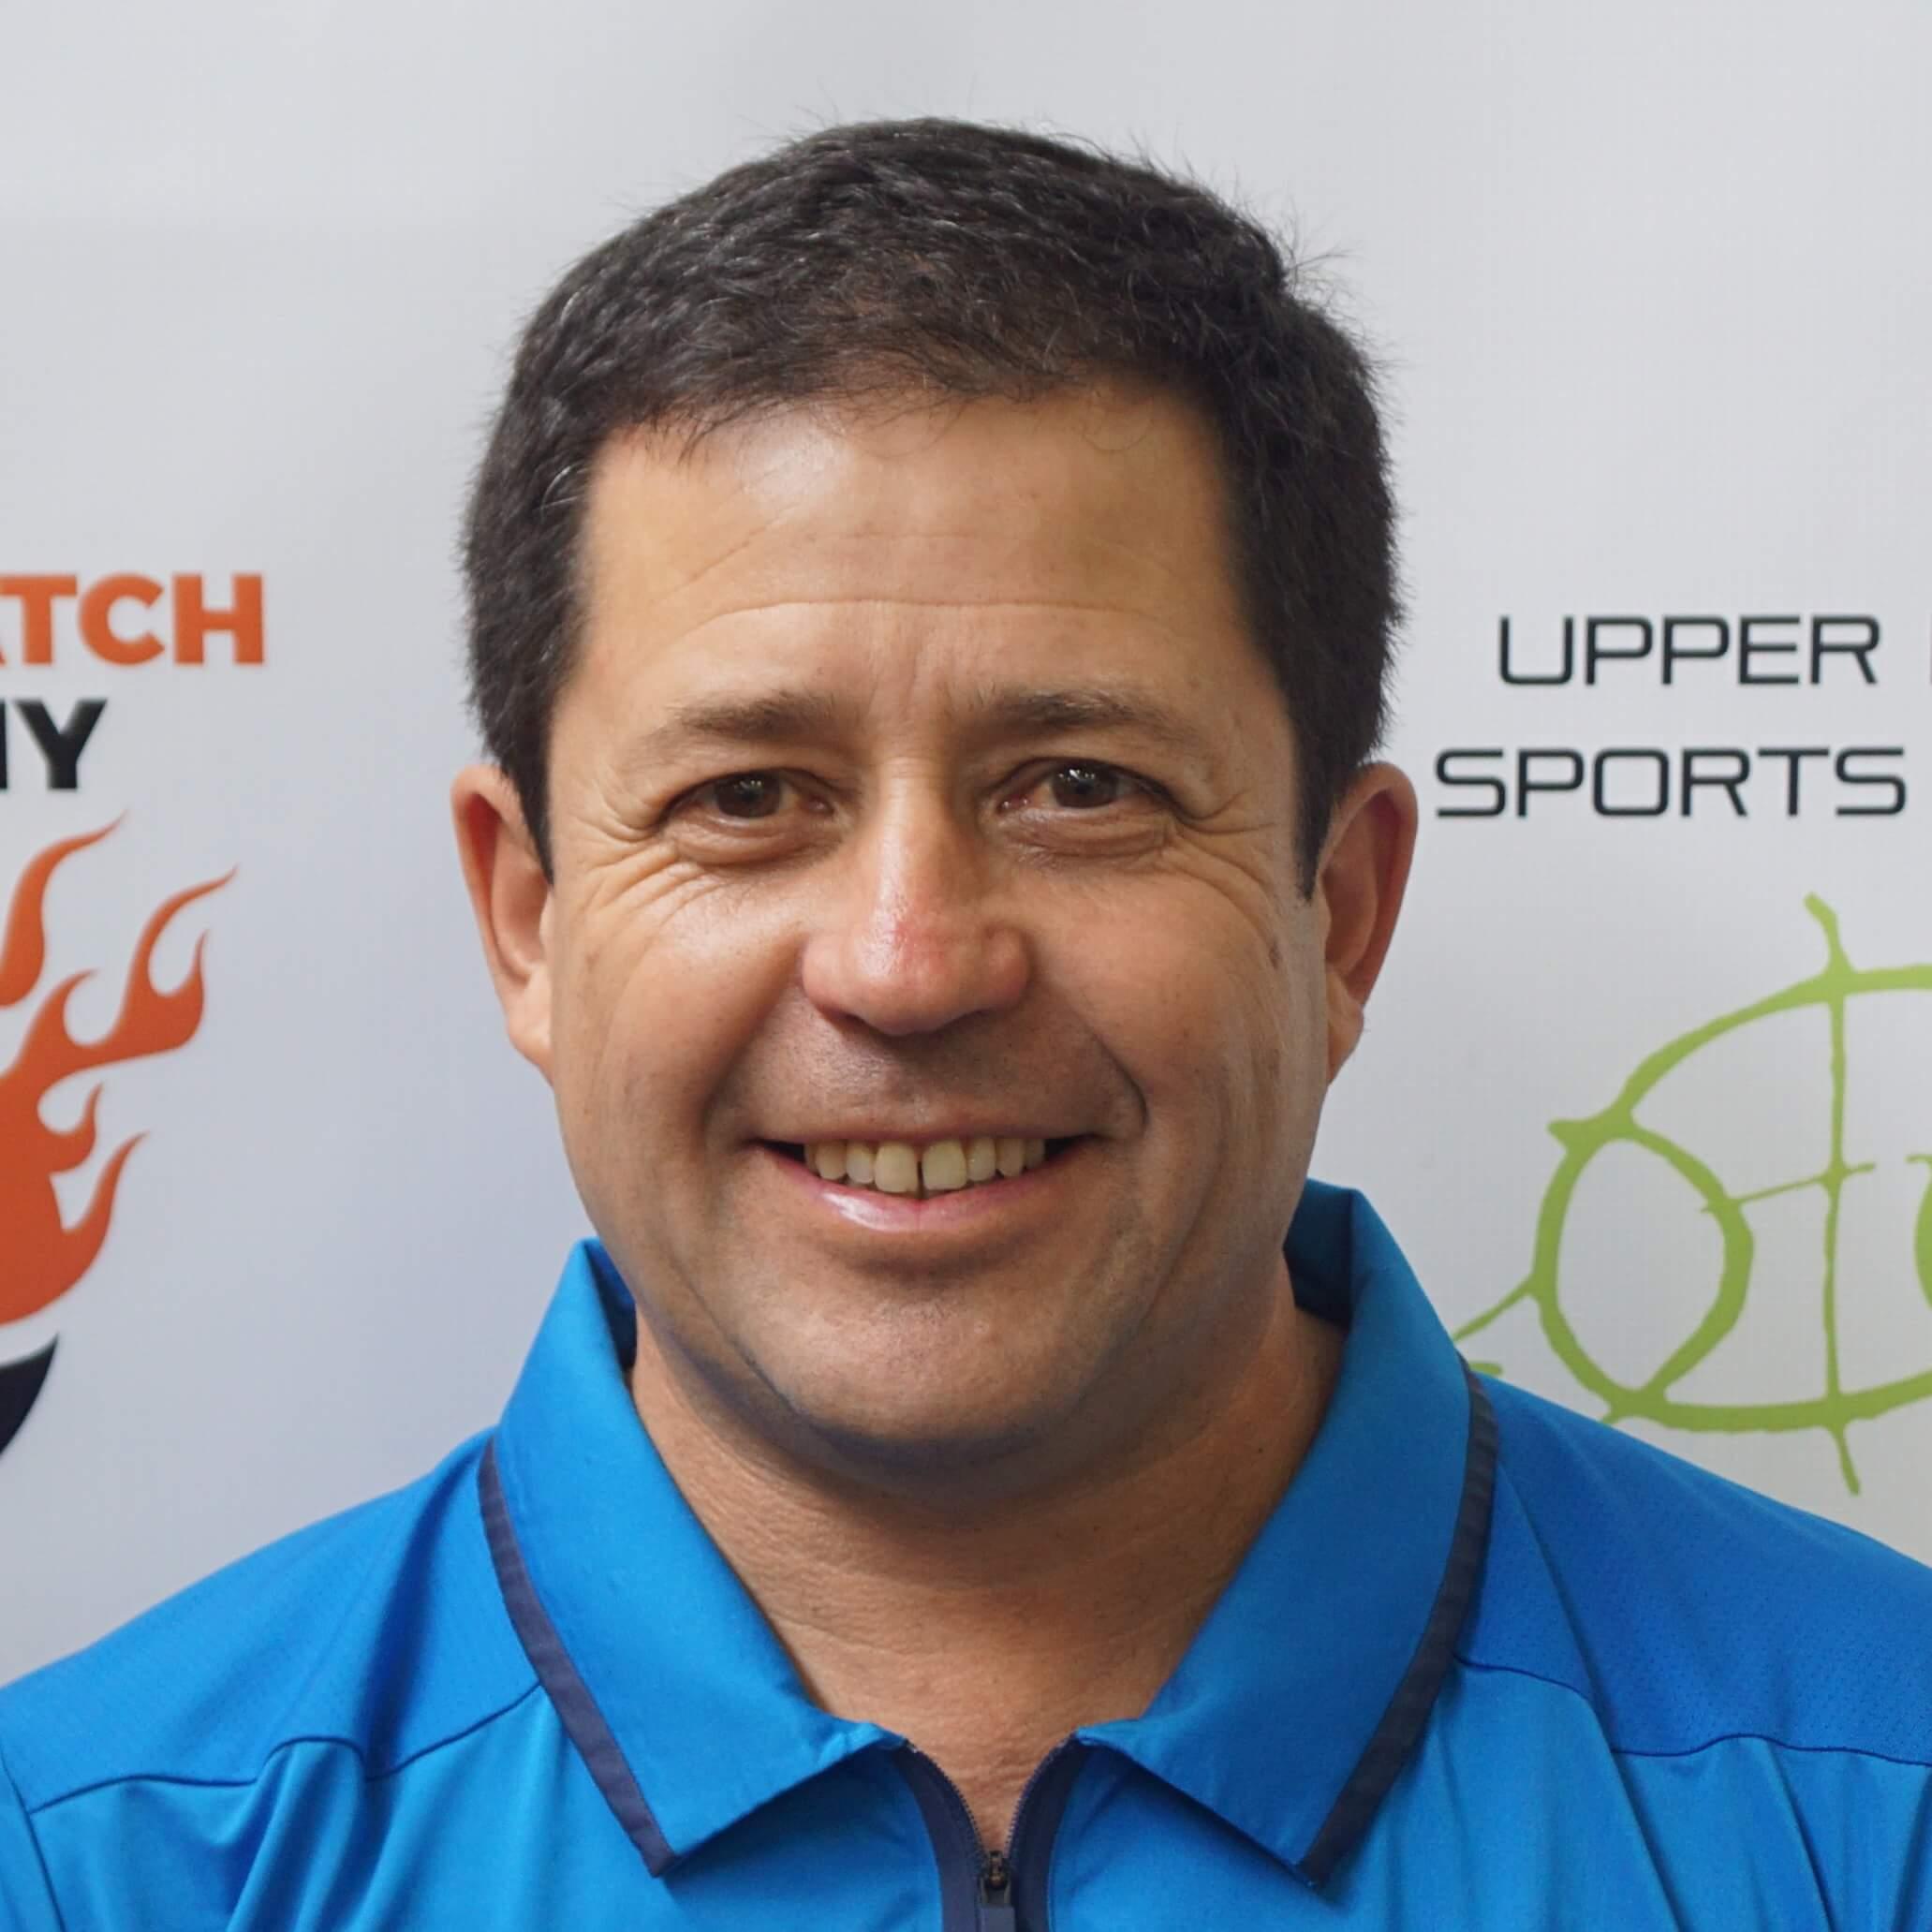 Victor Urzua